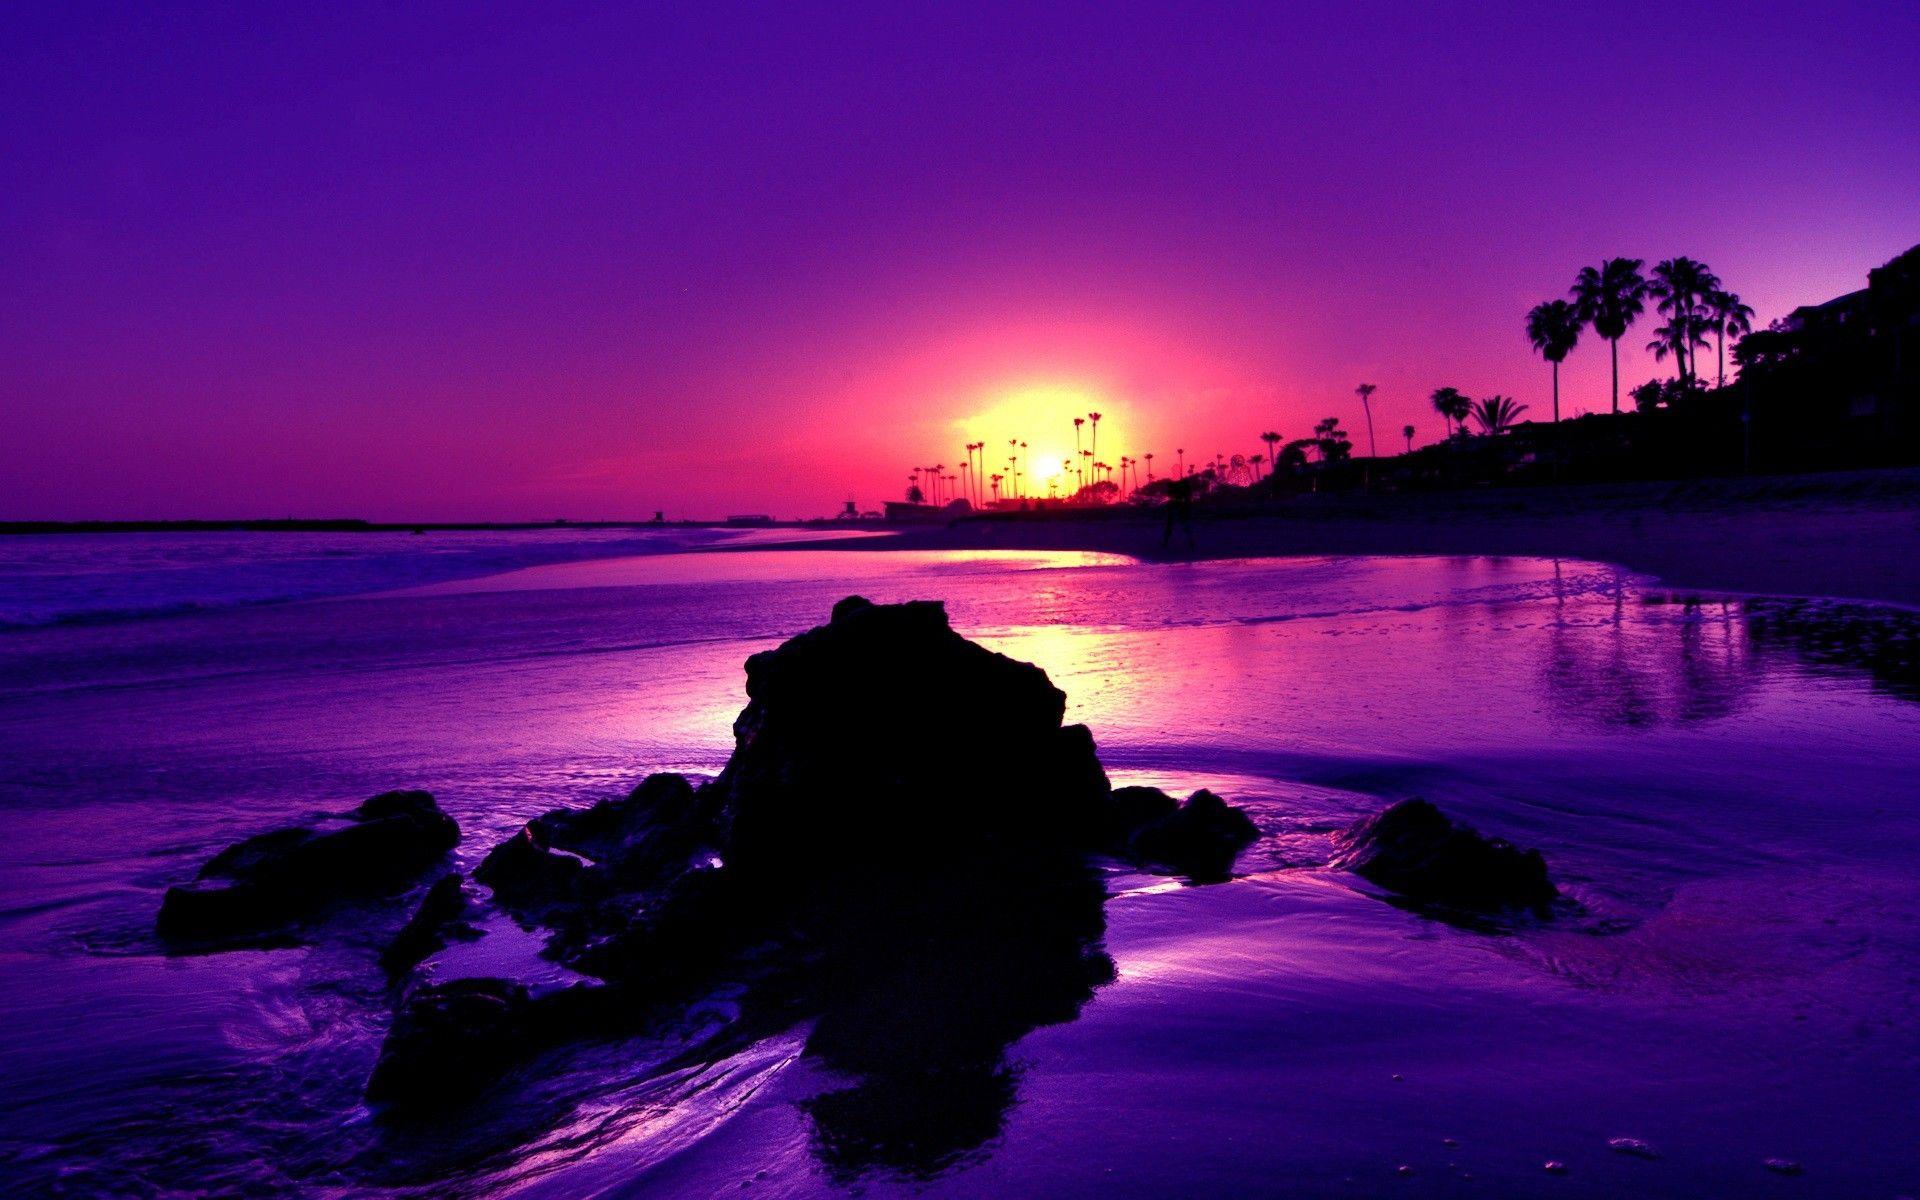 صور عن الطبيعة حقيقية وخيالية Beach Sunset Wallpaper Sunset Wallpaper Purple Sunset